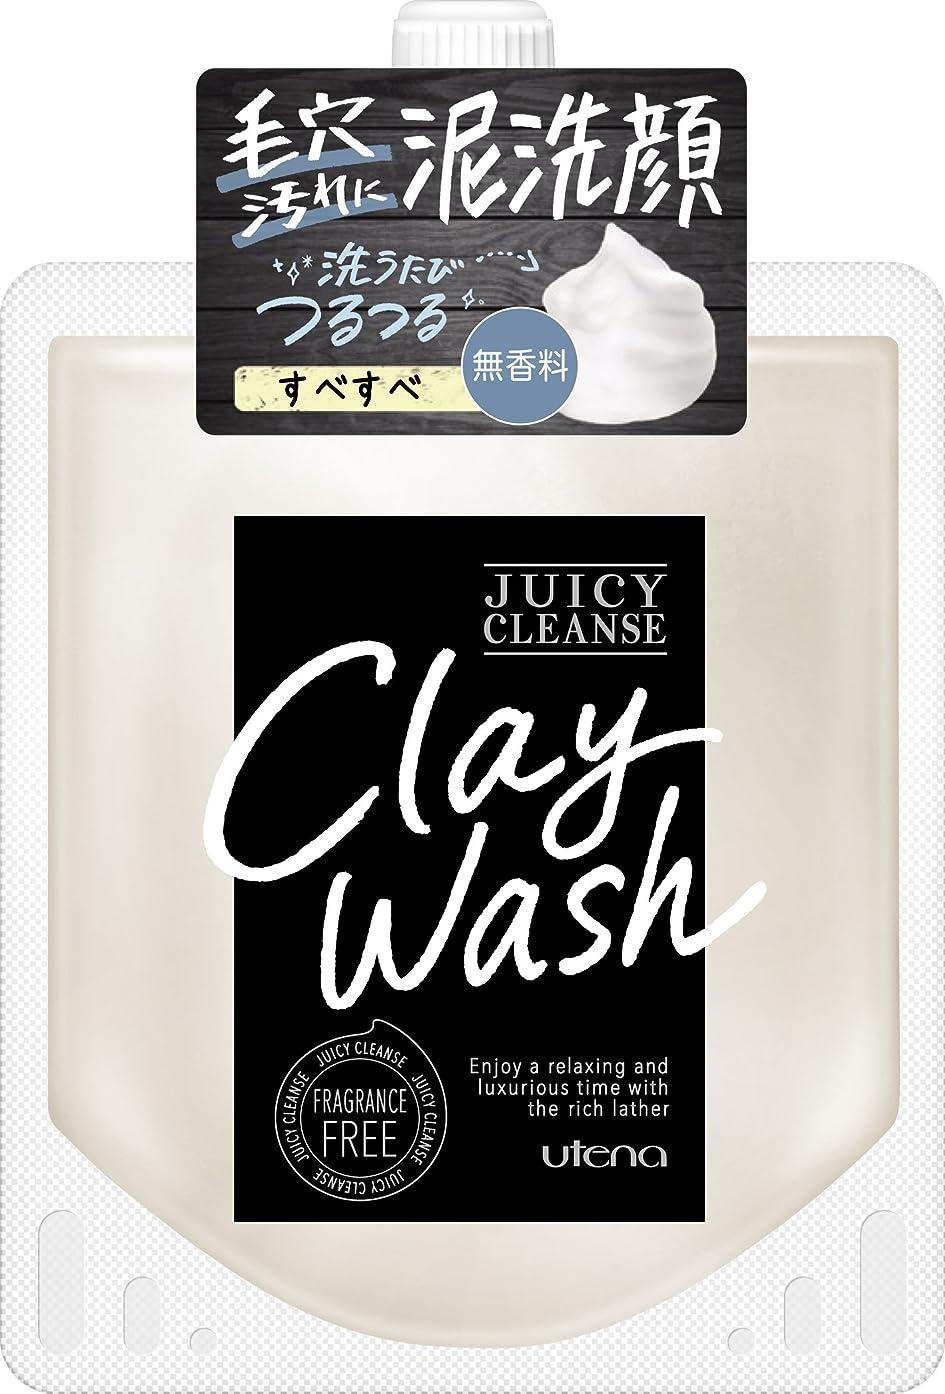 グラフィック異なるドメインJUICY CLEANSE(ジューシィクレンズ) クレイウォッシュ 無香料 110g